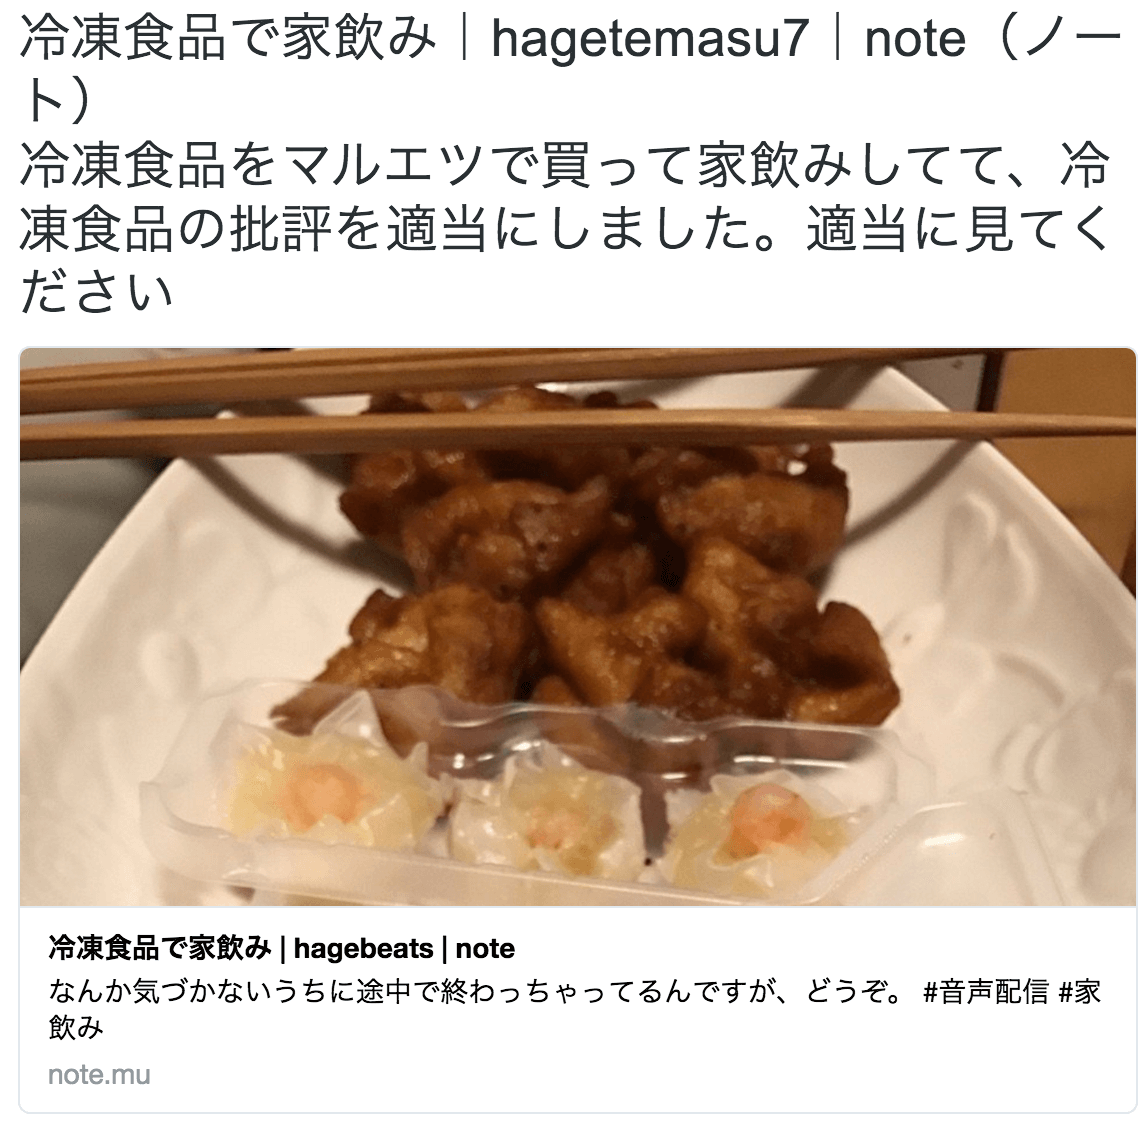 冷凍食品 ツイート